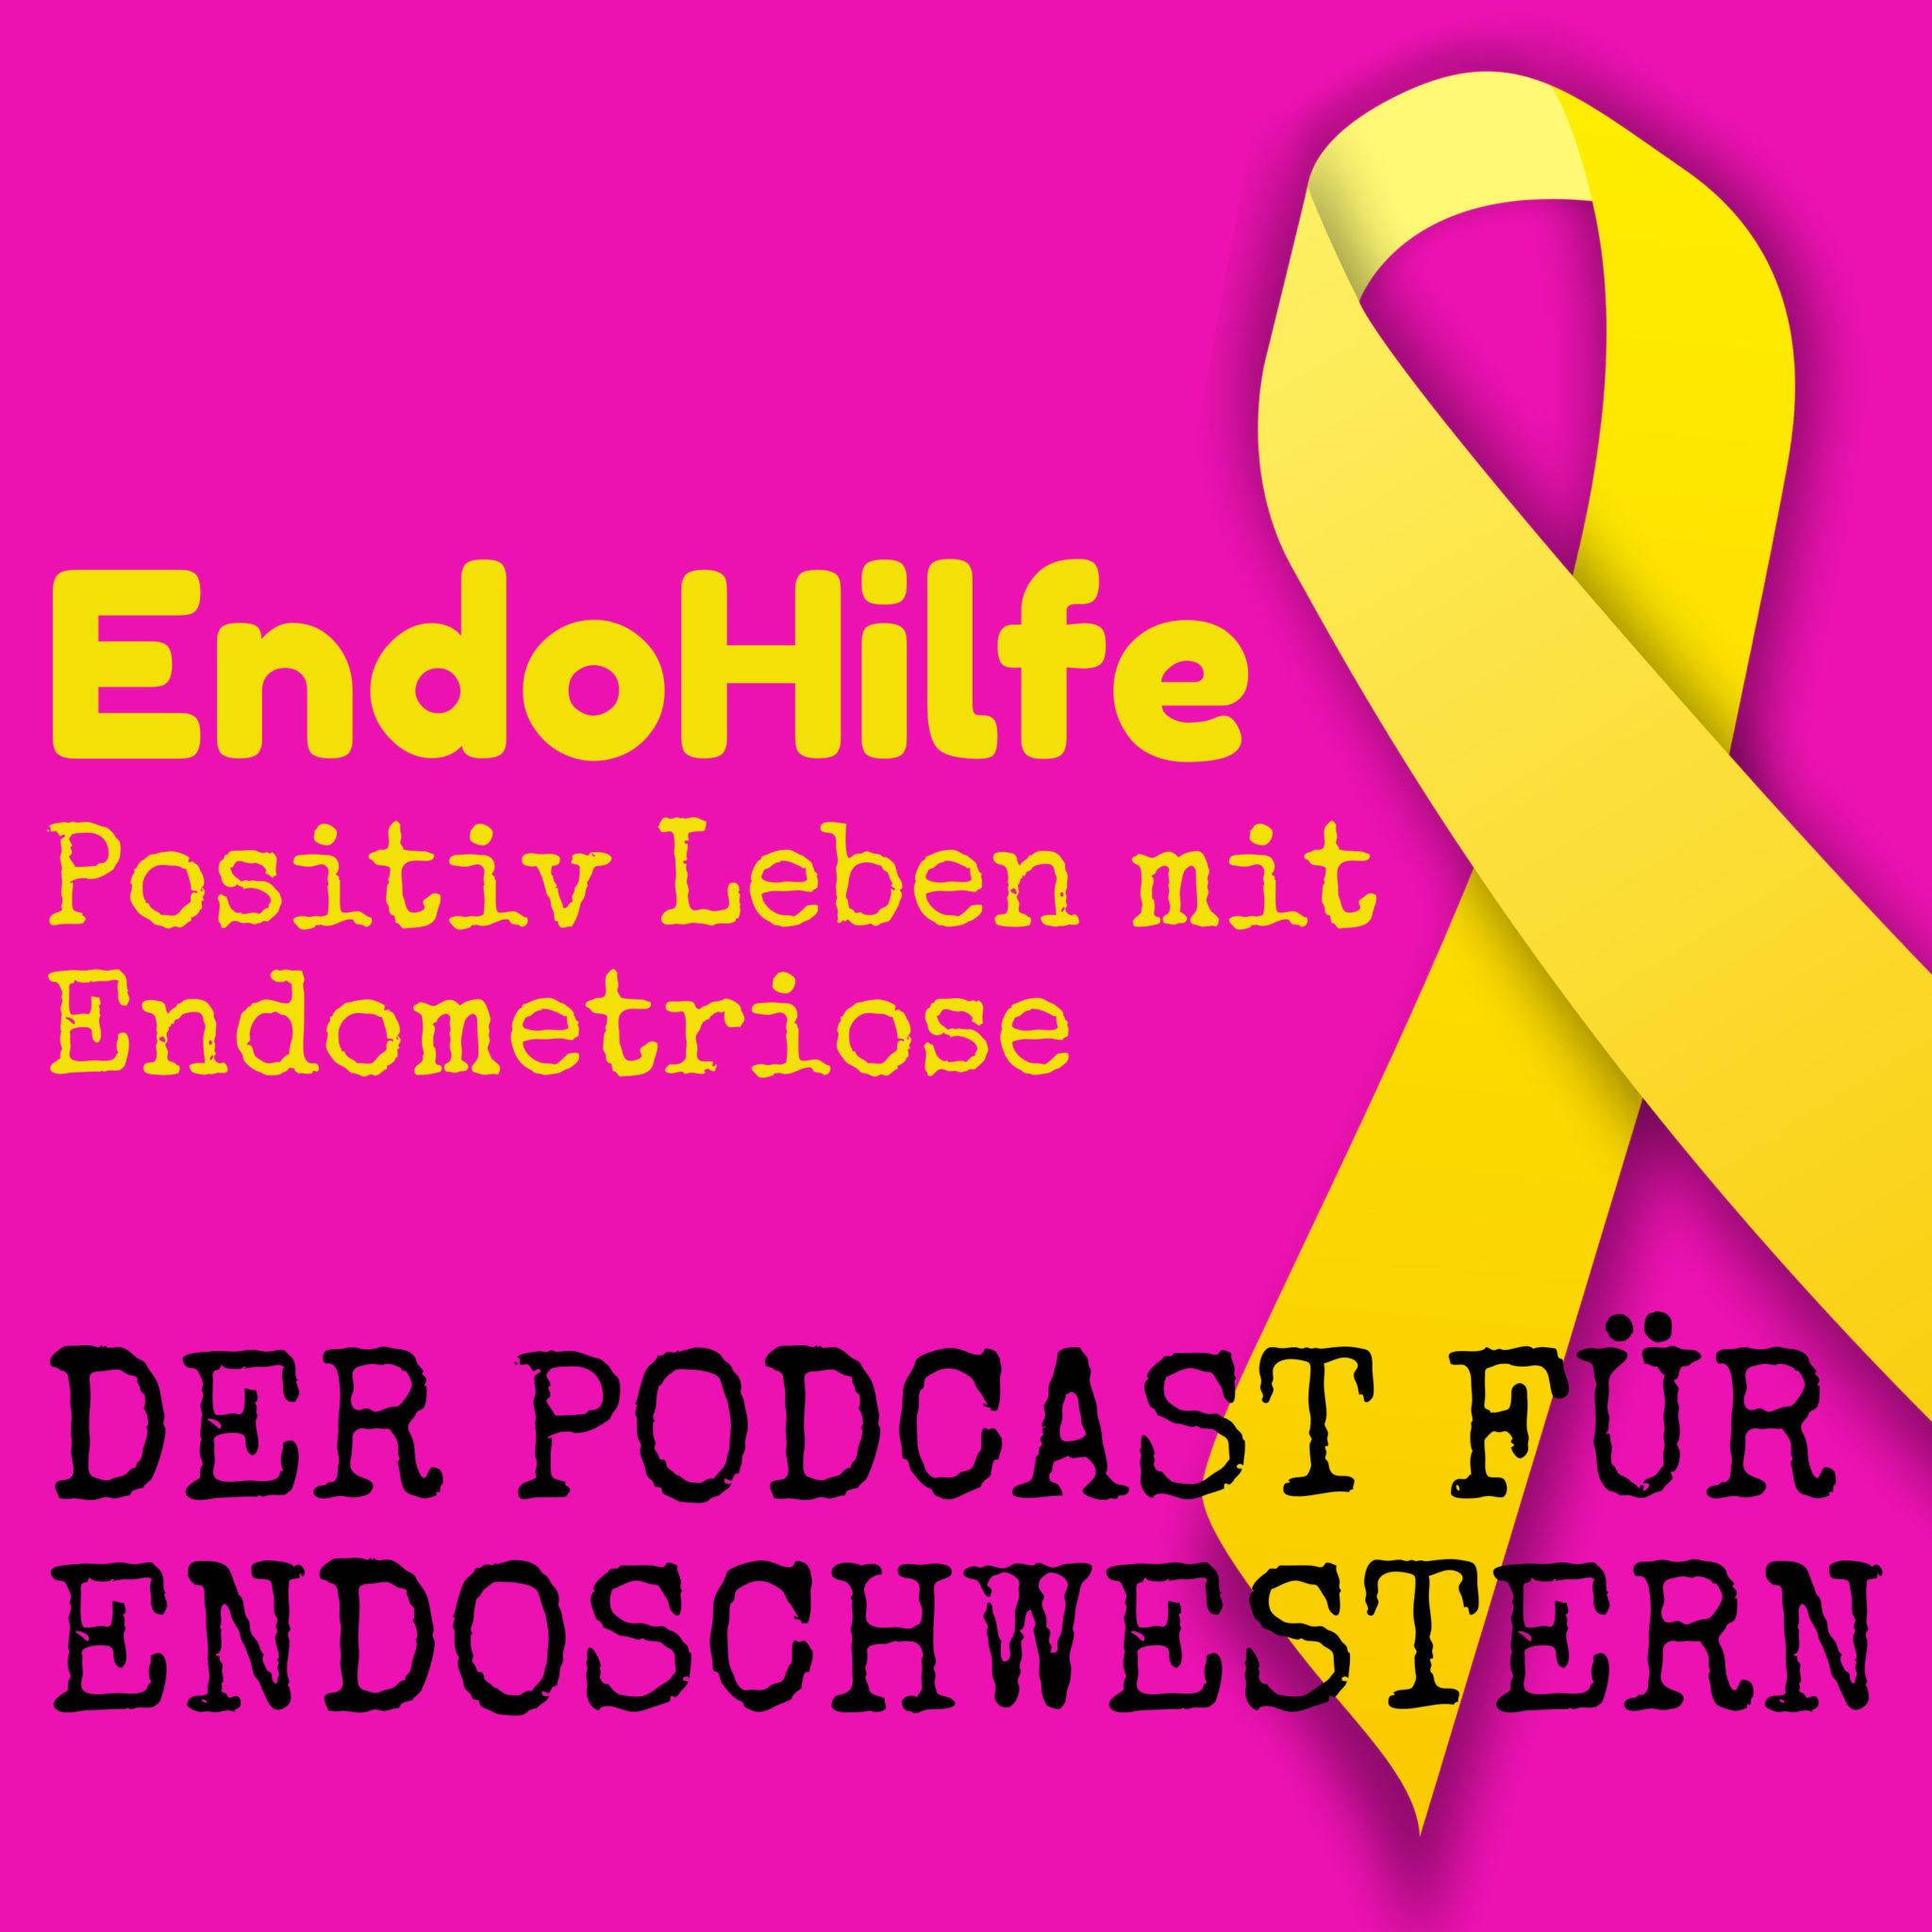 Der Podcast für EndoSchwestern